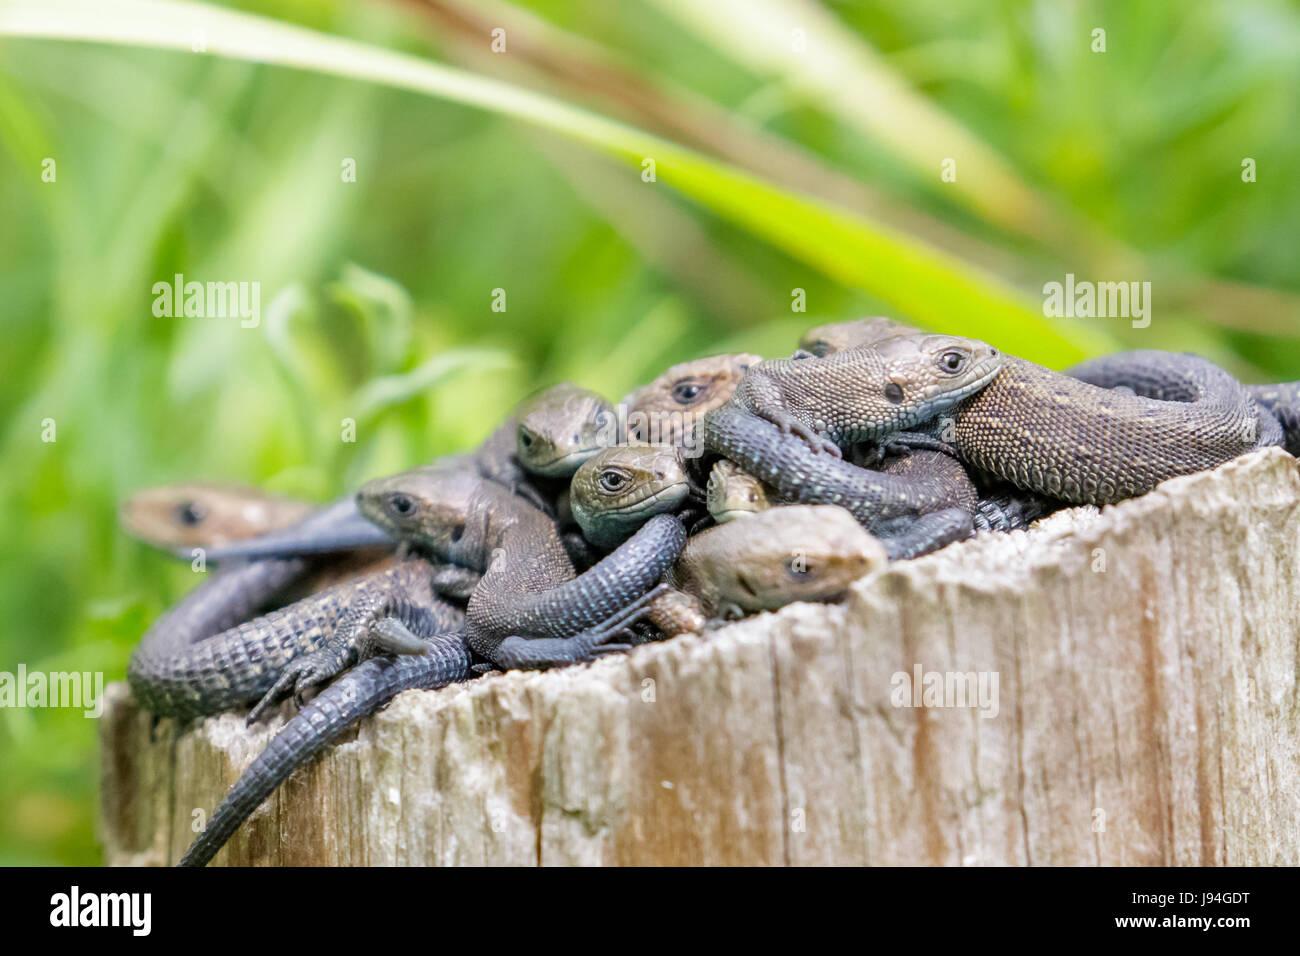 Lounge, Gruppe oder Bündel von gemeinsamen Eidechsen (Zootoca Vivipara) auf einem Baumstumpf log Stockfoto